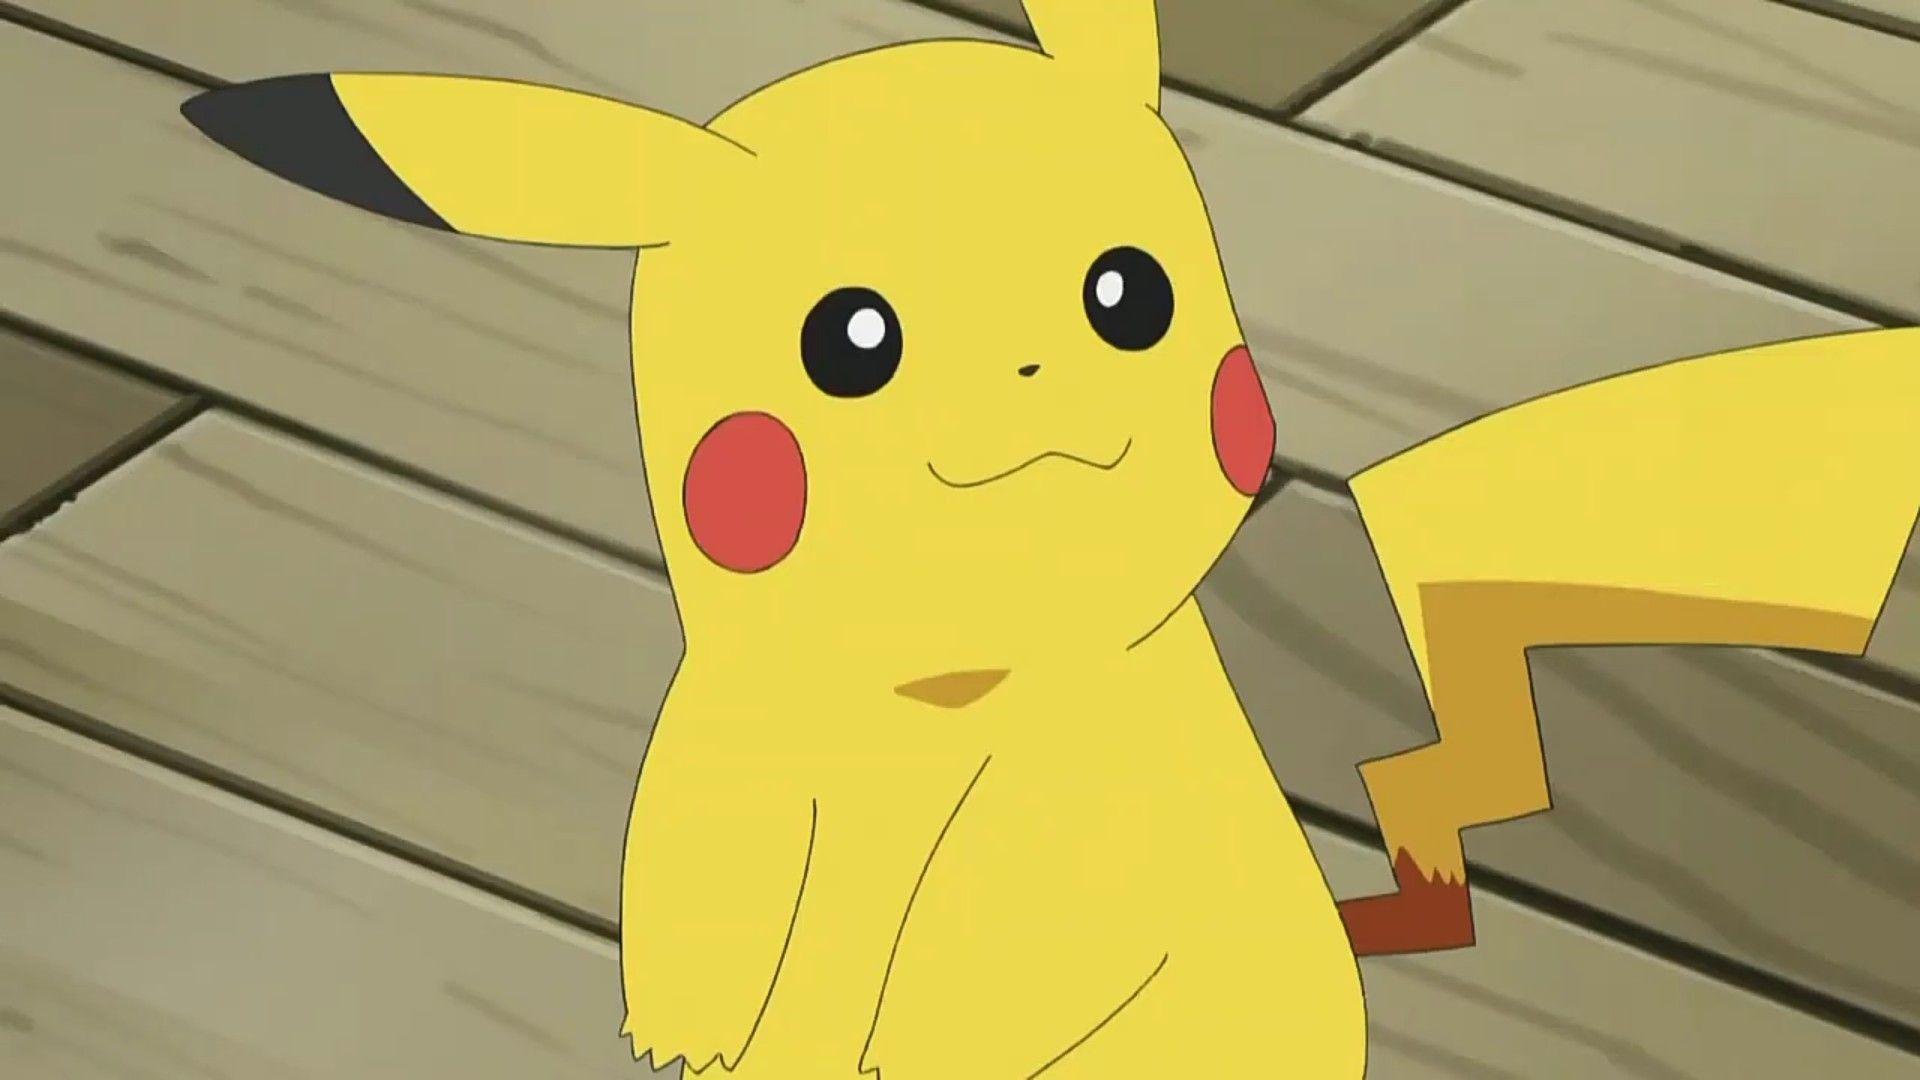 pikachu subțire în jos)